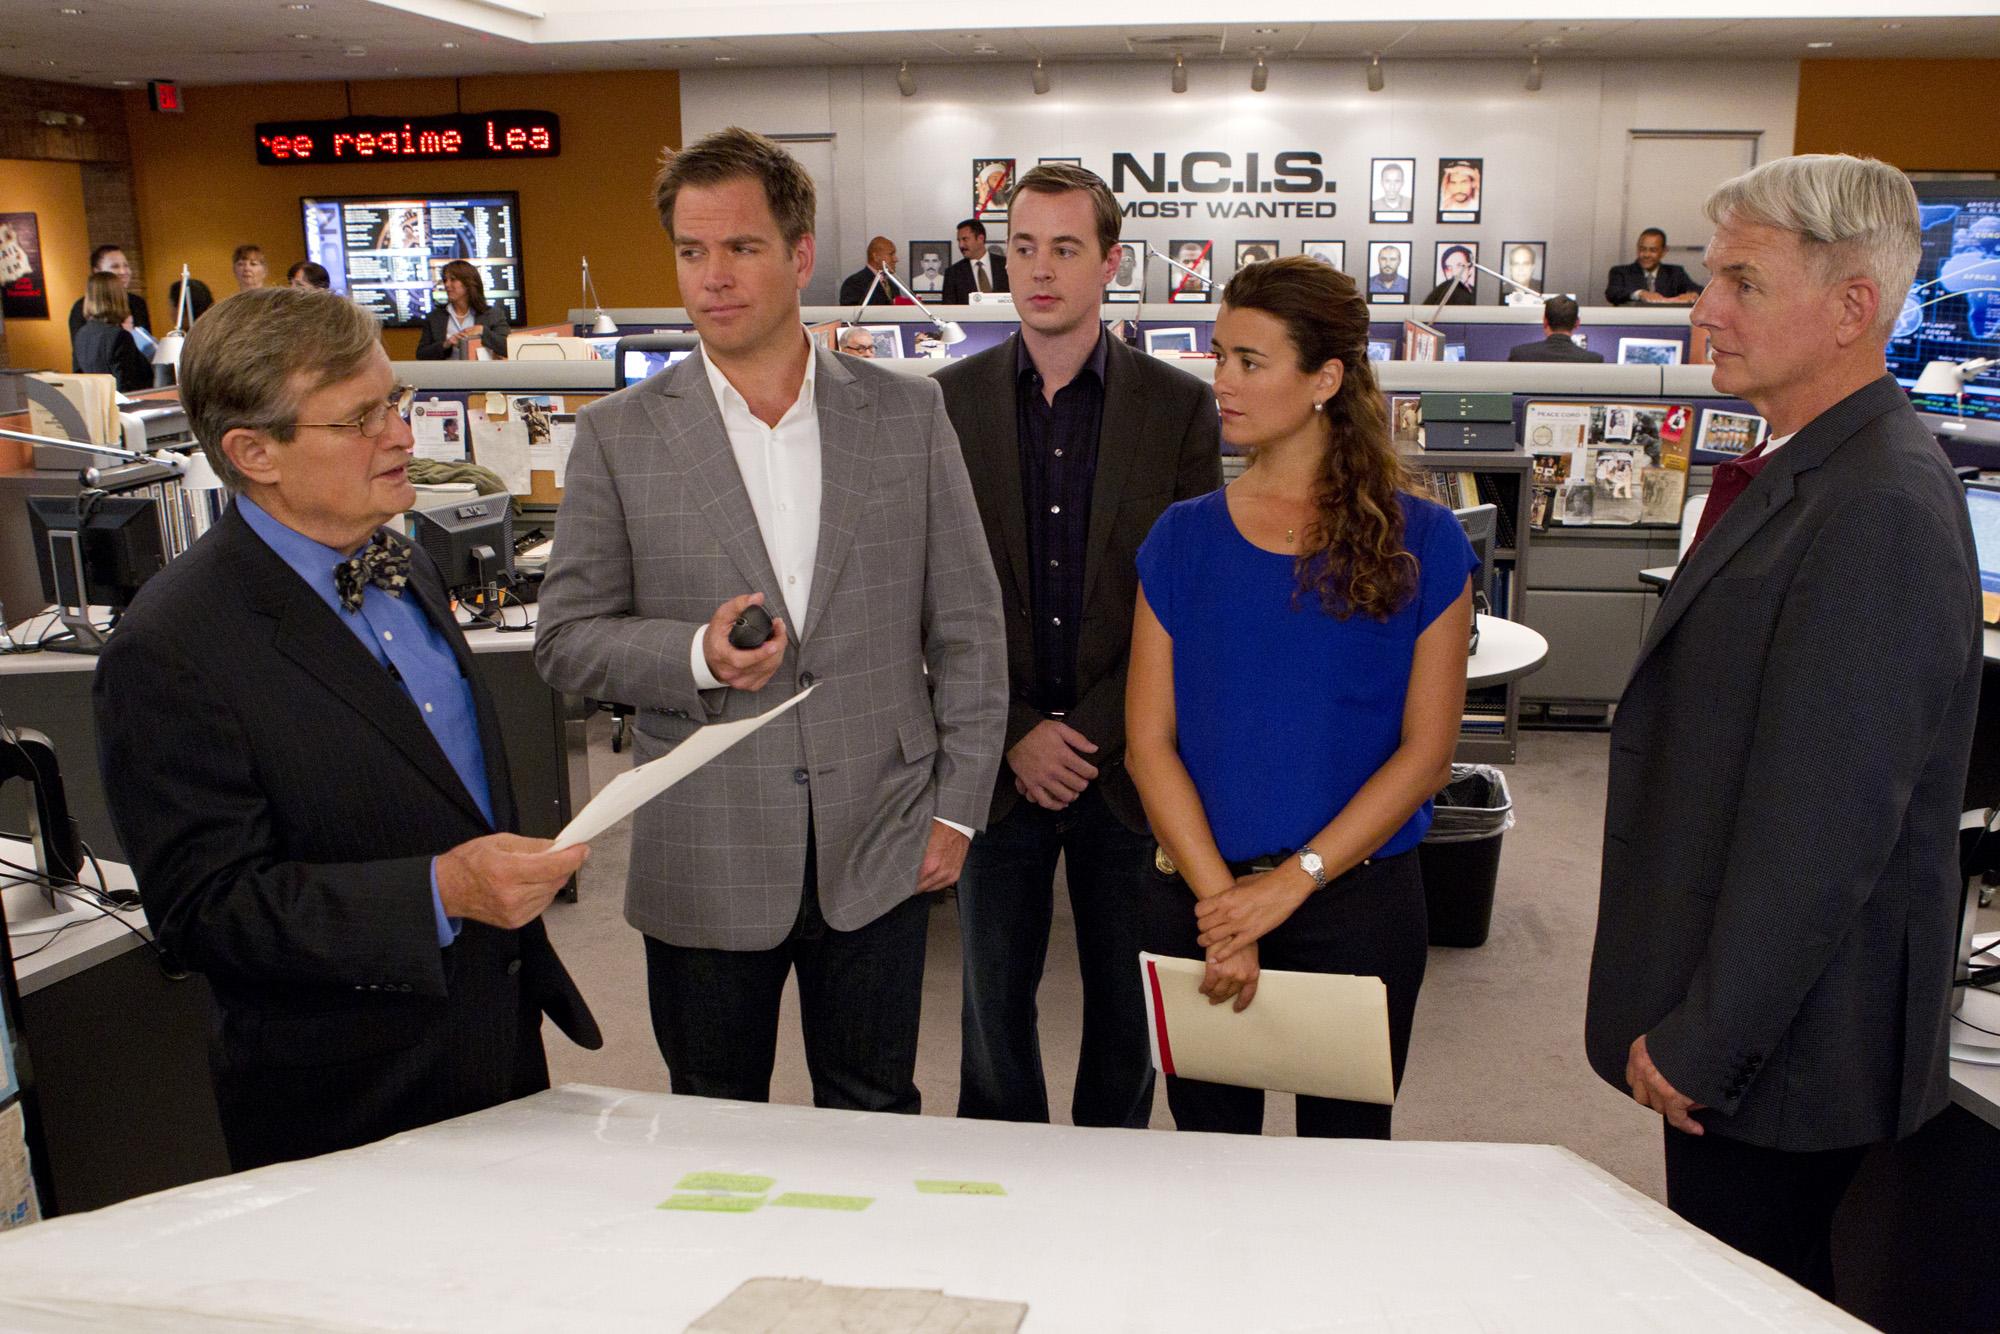 CBS' #1 Program/Drama NCIS Renewed for 2013-2014 Season